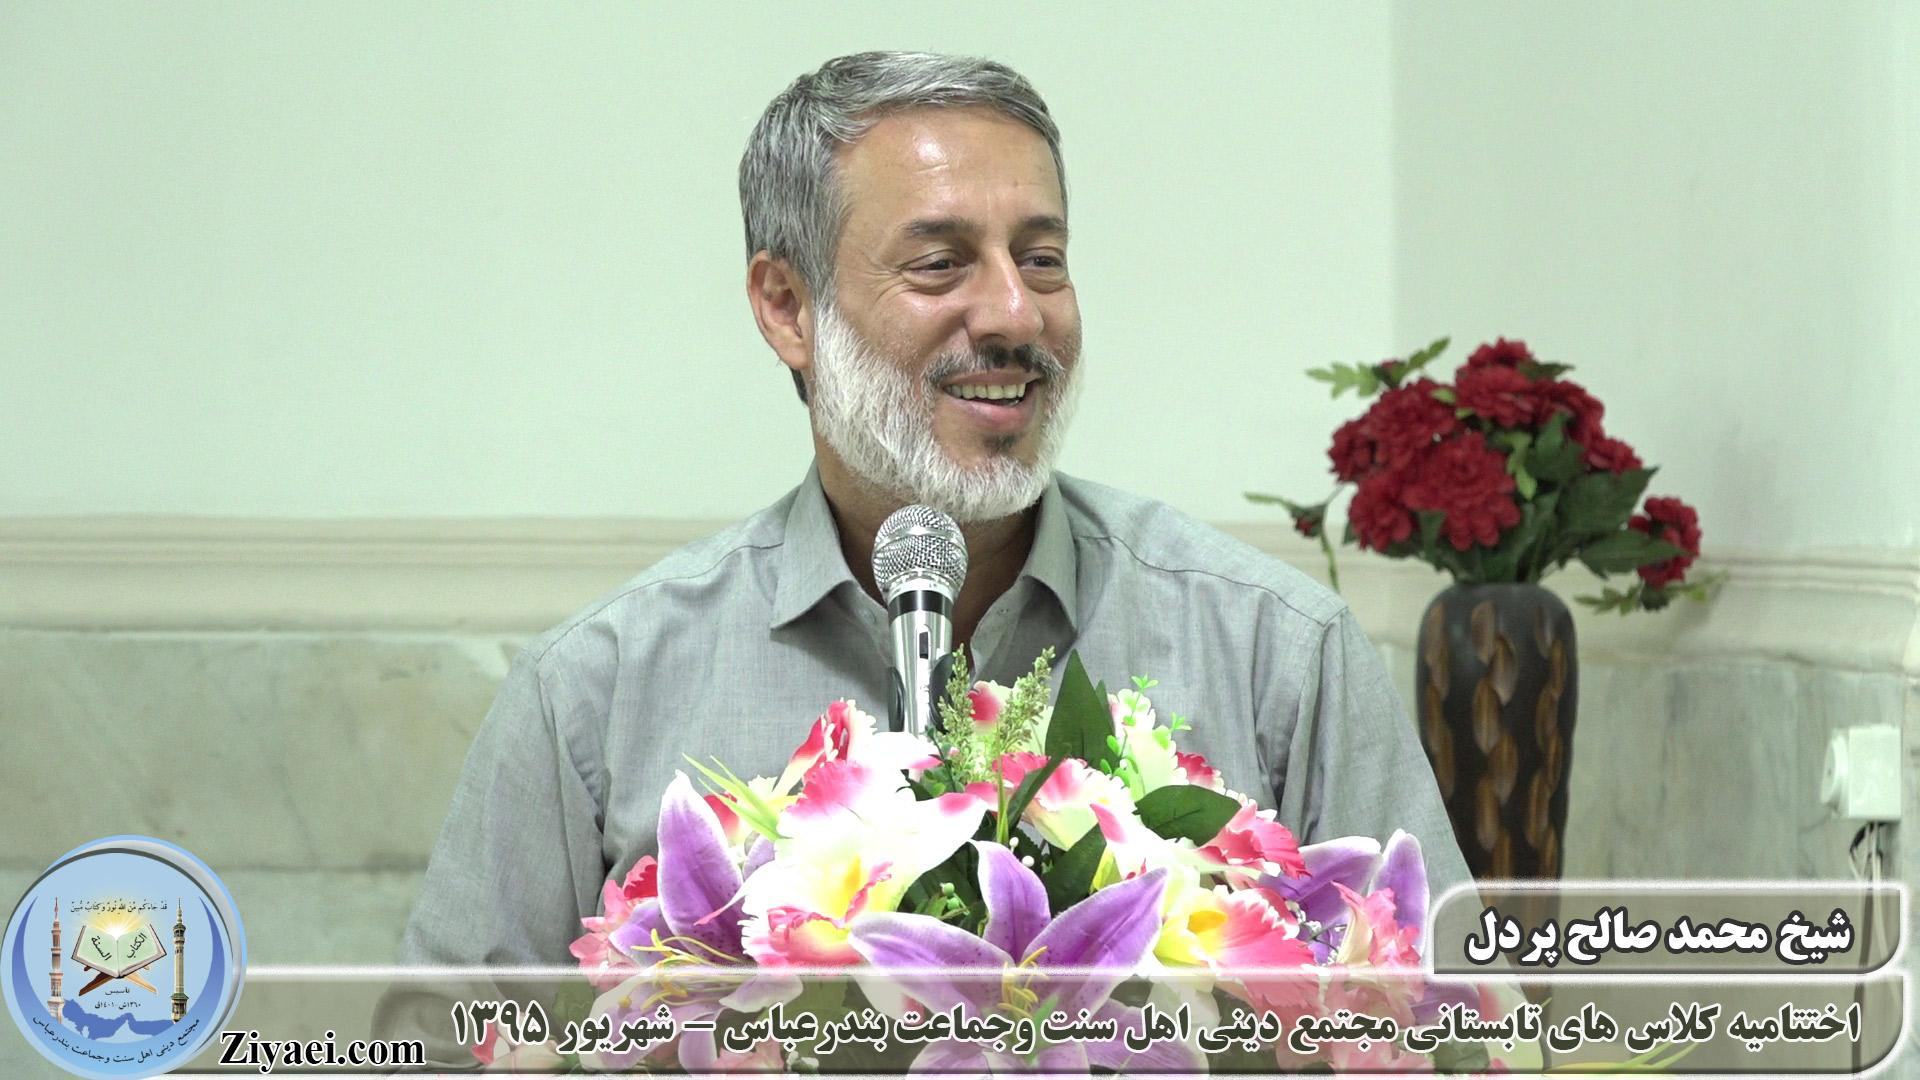 شیخ محمد صالح پردل - اختتامیه کلاس های تابستانی مجتمع دینی اهل سنت وجماعت بندرعباس